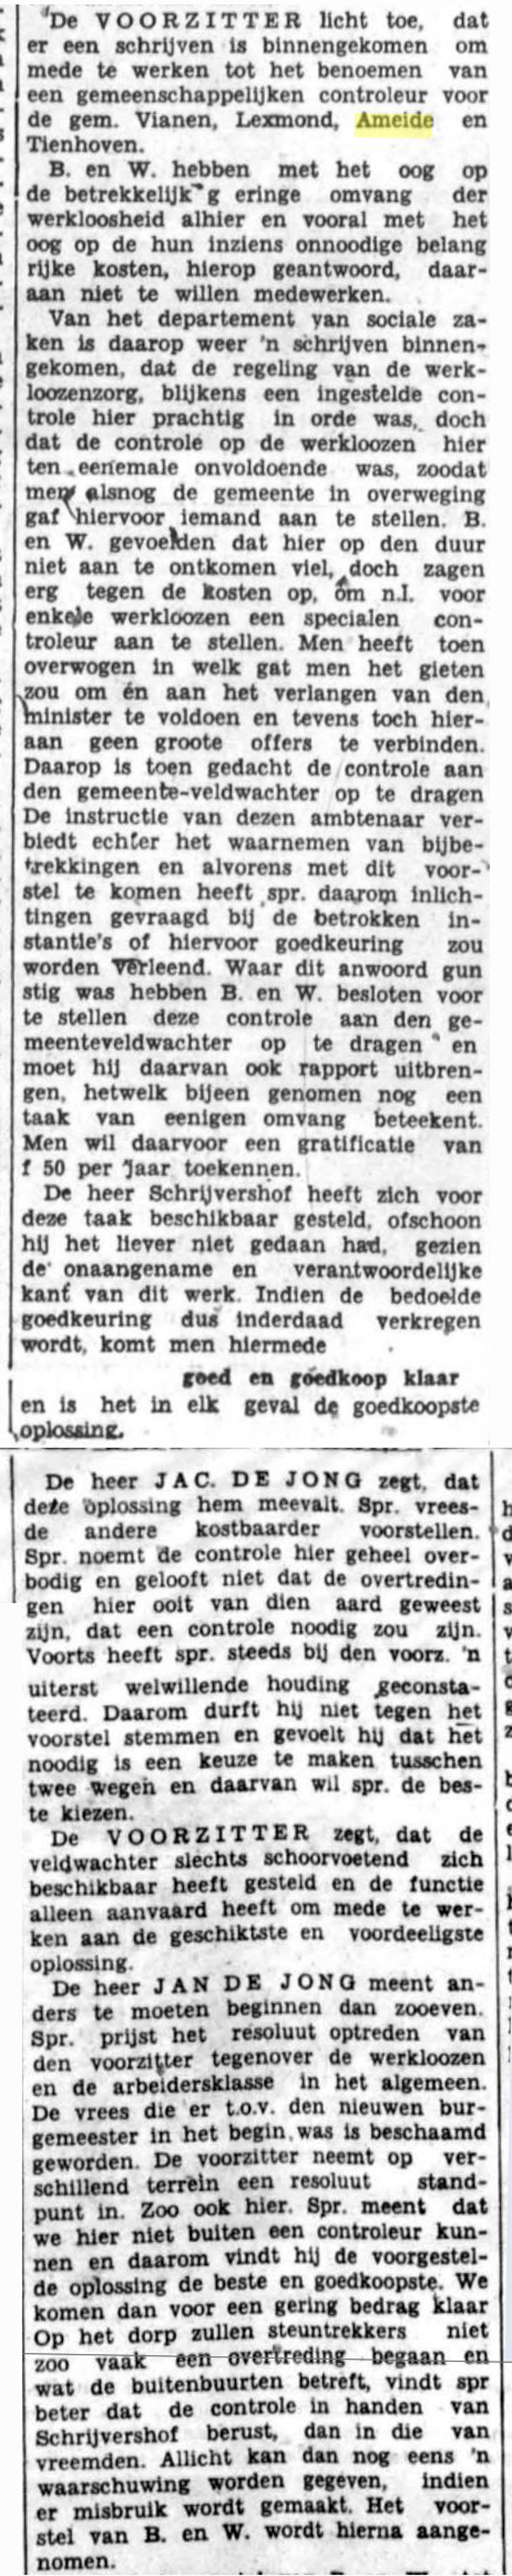 schoonhovensche-courant-06811-1937-05-21-artikel-12